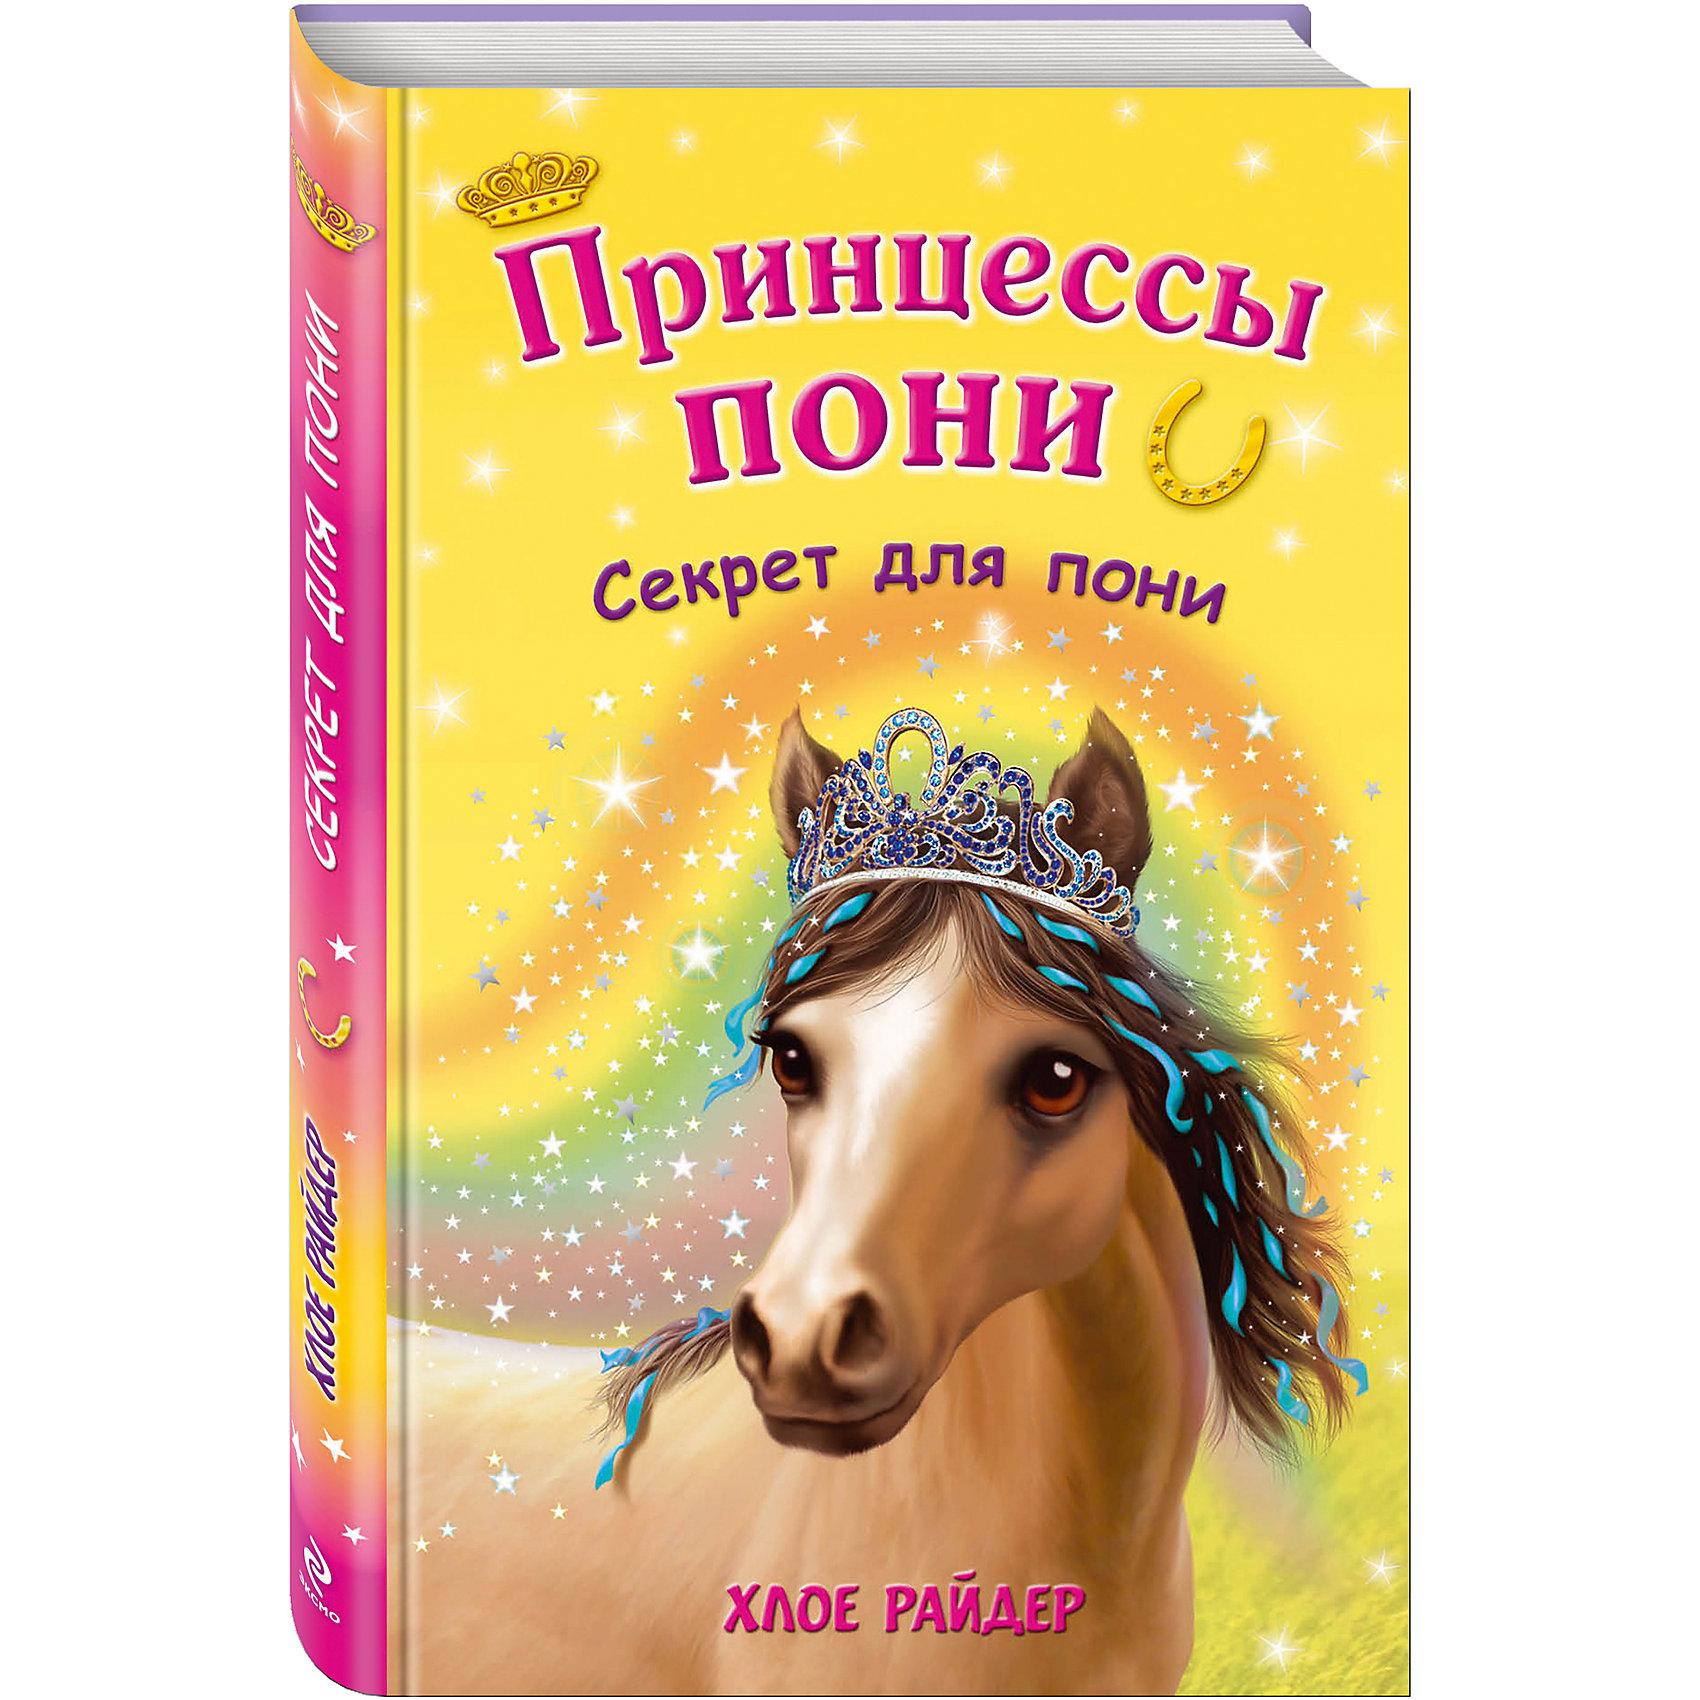 Секрет для пони, Хлое РайдерЗарубежные сказки<br>Секрет для пони, Хлое Райдер – это книга из серии Принцессы пони о приключениях девочки по имени Пиппа.<br>Привет! Меня зовут Пиппа, и я люблю лошадей. Я просила маму купить мне пони, но оказалось, что это невозможно. Зато теперь я познакомилась с самыми настоящими волшебными пони и меня ждут удивительные приключения! На Дне сбора урожая мне предстоит не только помочь королевской семье пони, но и распутать одно чрезвычайно важное дело, ведь на празднике неожиданно появляются похитители подков... Для младшего школьного возраста. В книге крупный шрифт для самостоятельного чтения и замечательные черно-белые иллюстрации.<br><br>Дополнительная информация:<br><br>- Автор: Райдер Хлоя<br>- Художник: Майлс Дженифер<br>- Переводчик: Кузнецова Д. Ю.<br>- Издательство: Эксмо<br>- Серия: Принцессы пони. Приключения в волшебной стране<br>- Тип обложки: 7Б - твердая (плотная бумага или картон)<br>- Оформление: тиснение серебром<br>- Иллюстрации: черно-белые<br>- Страниц: 160 (офсет)<br>- Размер: 206x133x15 мм.<br>- Вес: 280 гр.<br><br>Книгу «Секрет для пони», Хлое Райдер можно купить в нашем интернет-магазине.<br><br>Ширина мм: 206<br>Глубина мм: 133<br>Высота мм: 15<br>Вес г: 262<br>Возраст от месяцев: 72<br>Возраст до месяцев: 120<br>Пол: Унисекс<br>Возраст: Детский<br>SKU: 4158671